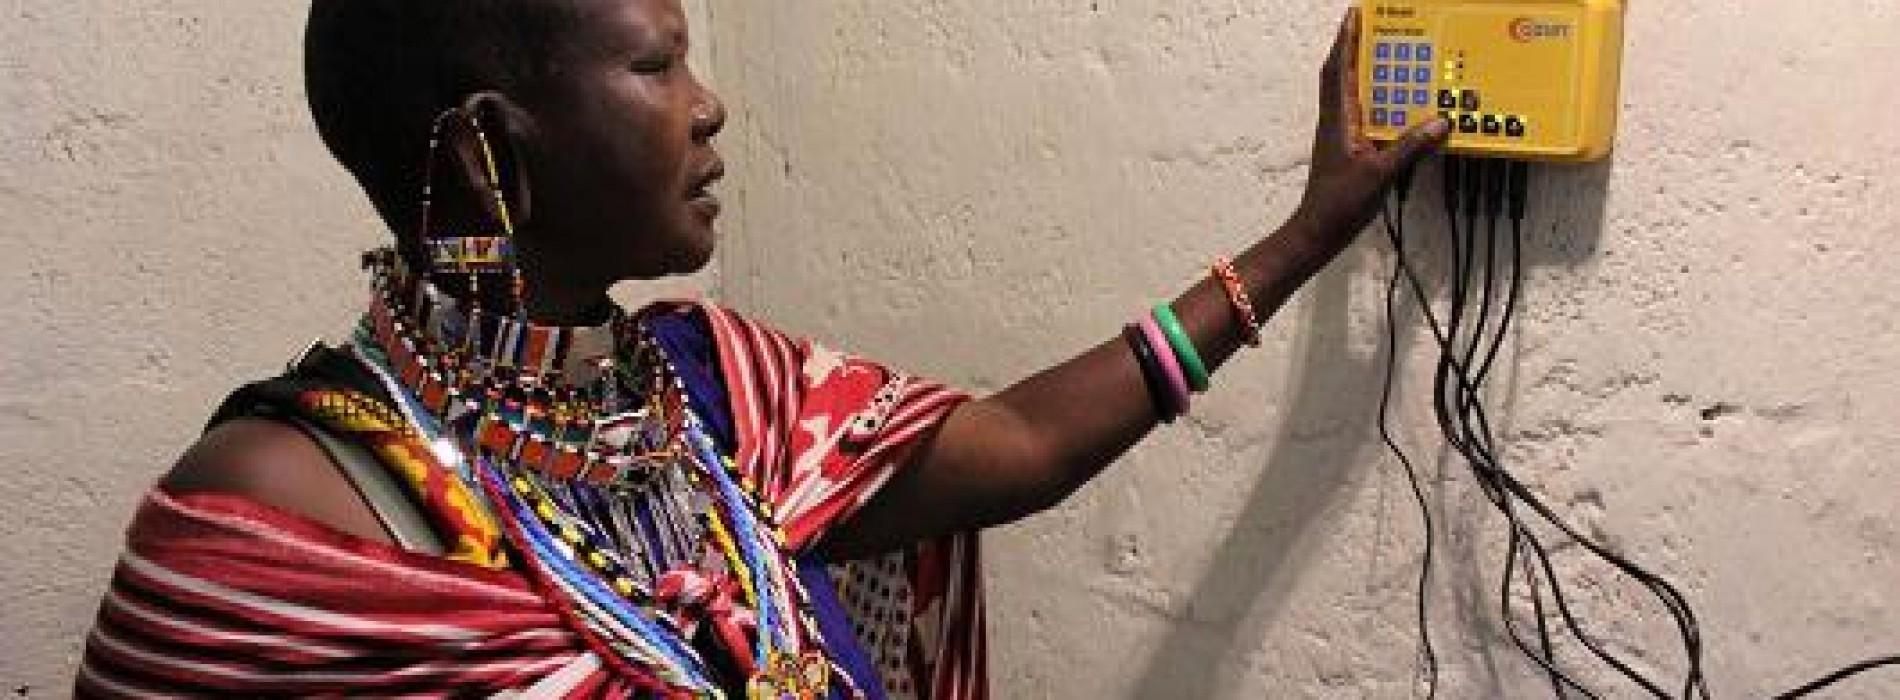 Elettricità prepagata, una rivoluzione per il solare in Africa?